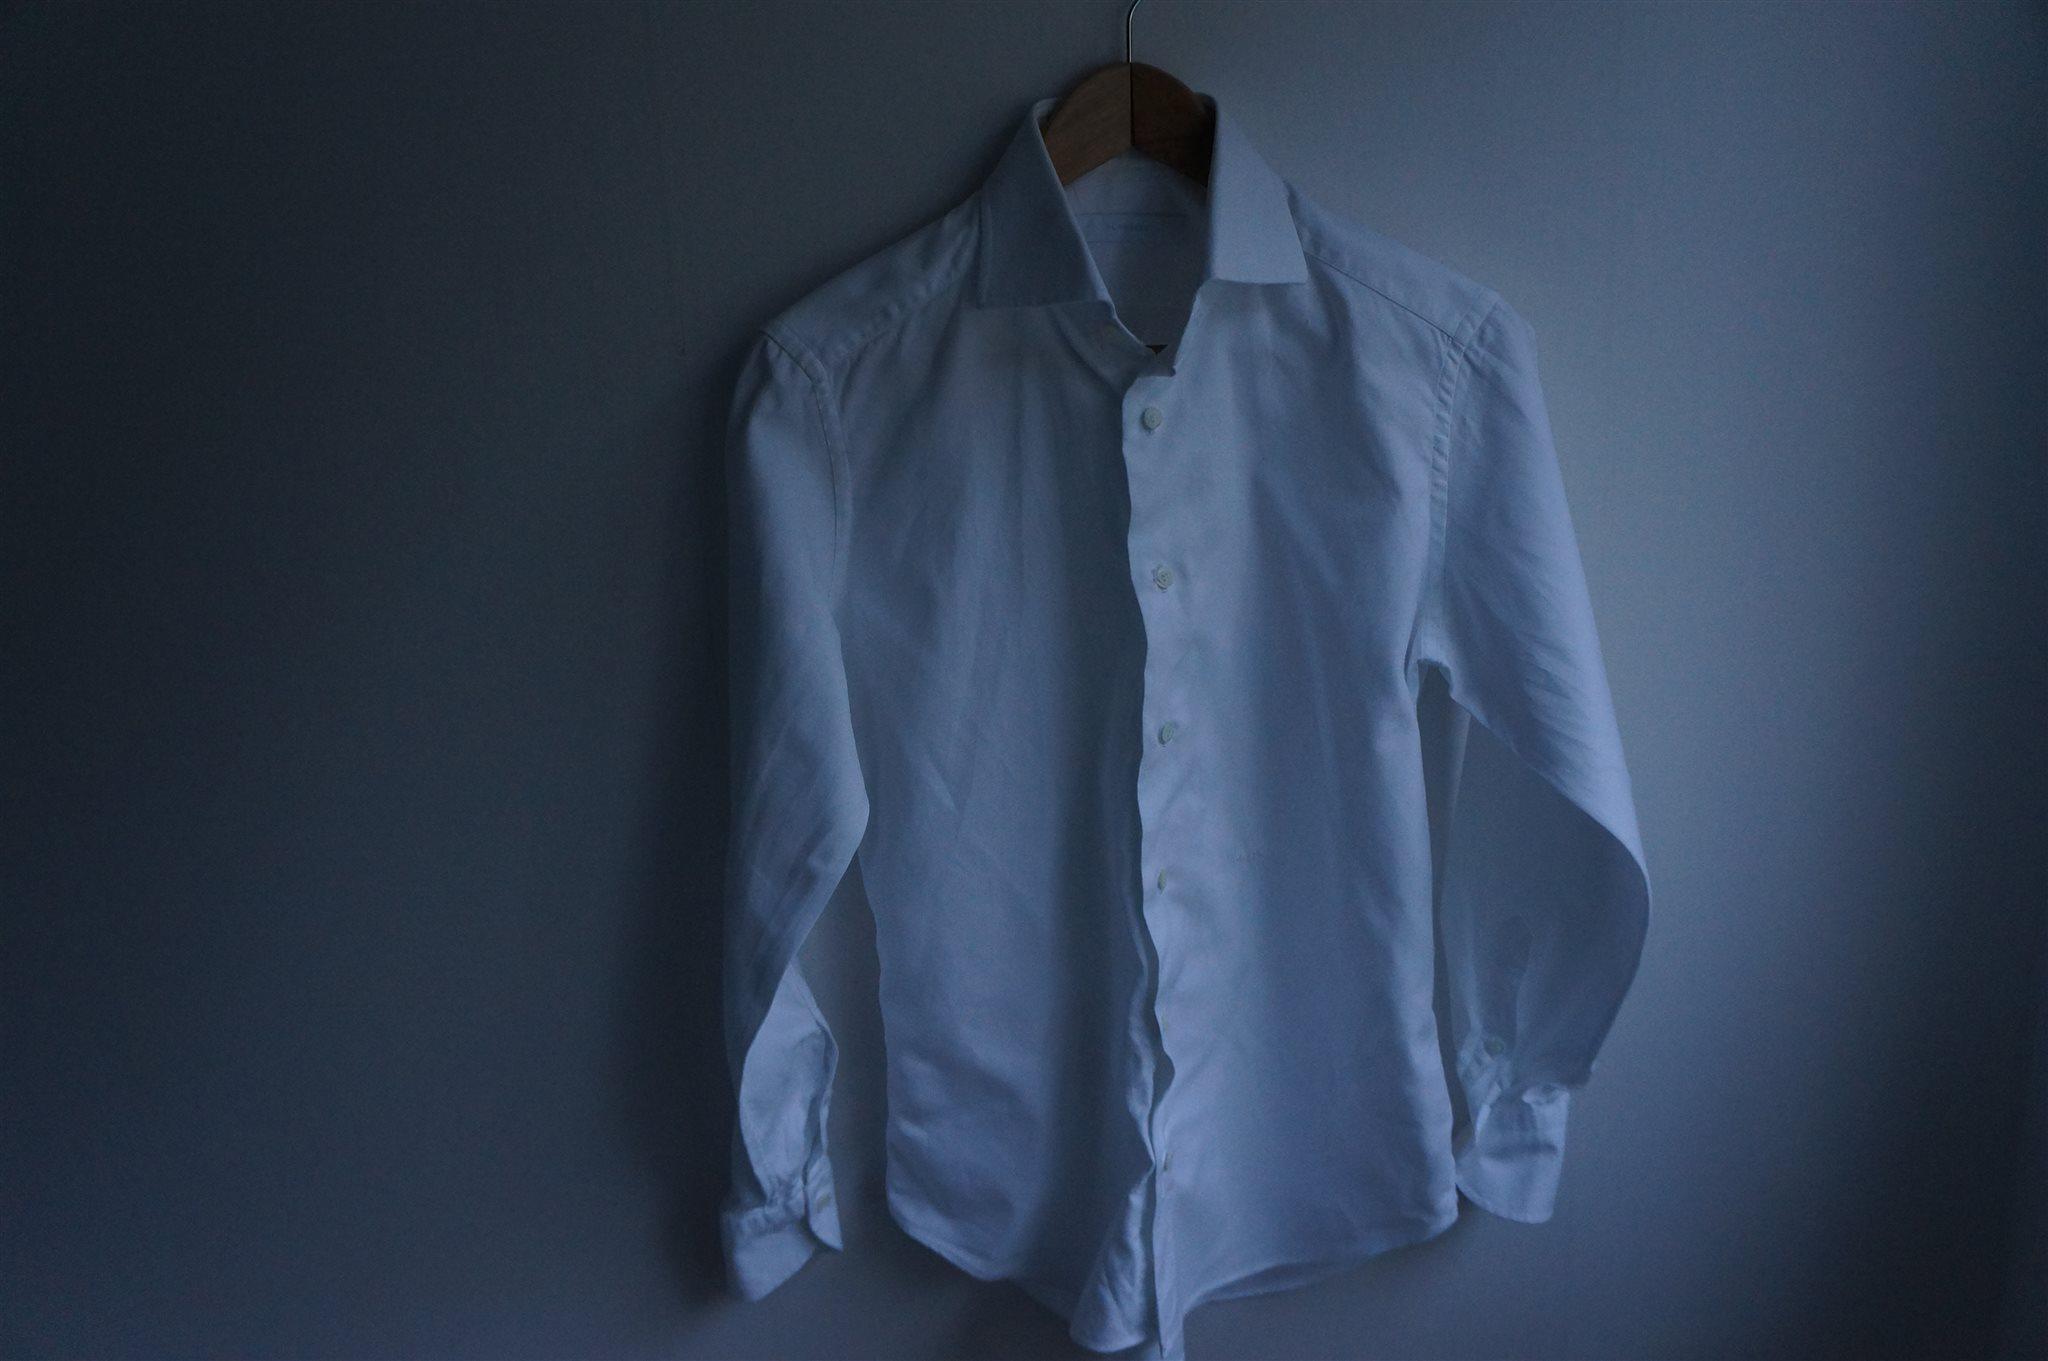 Vit skjorta från J.Lindeberg i storlek 38 (336038904) ᐈ Köp på Tradera 42aa9587c9b97